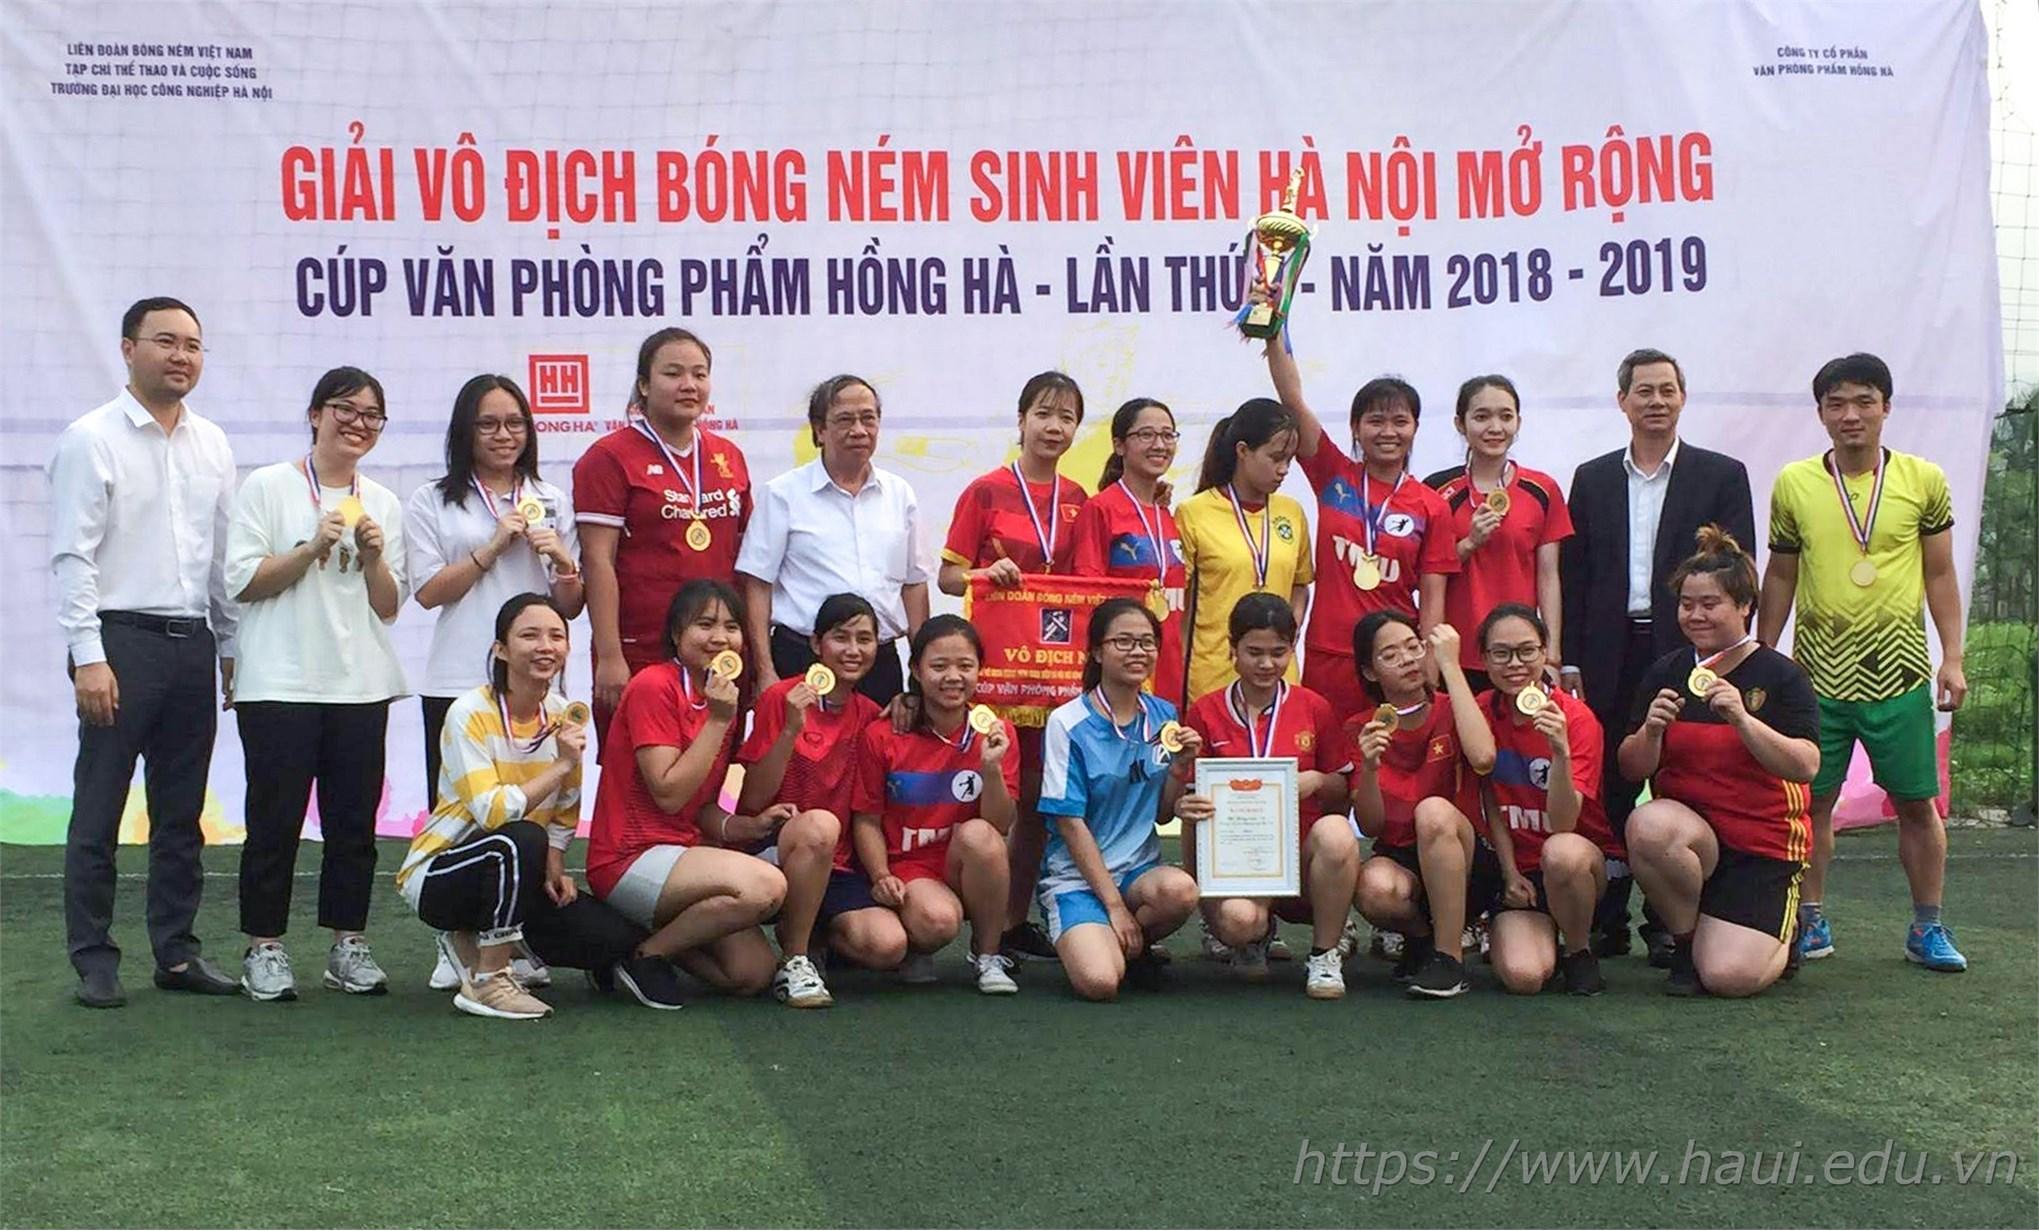 Đại học Công nghiệp Hà Nội đăng cai tổ chức Giải vô địch Bóng ném sinh viên Hà Nội mở rộng - Cúp Văn phòng phẩm Hồng Hà năm 2019